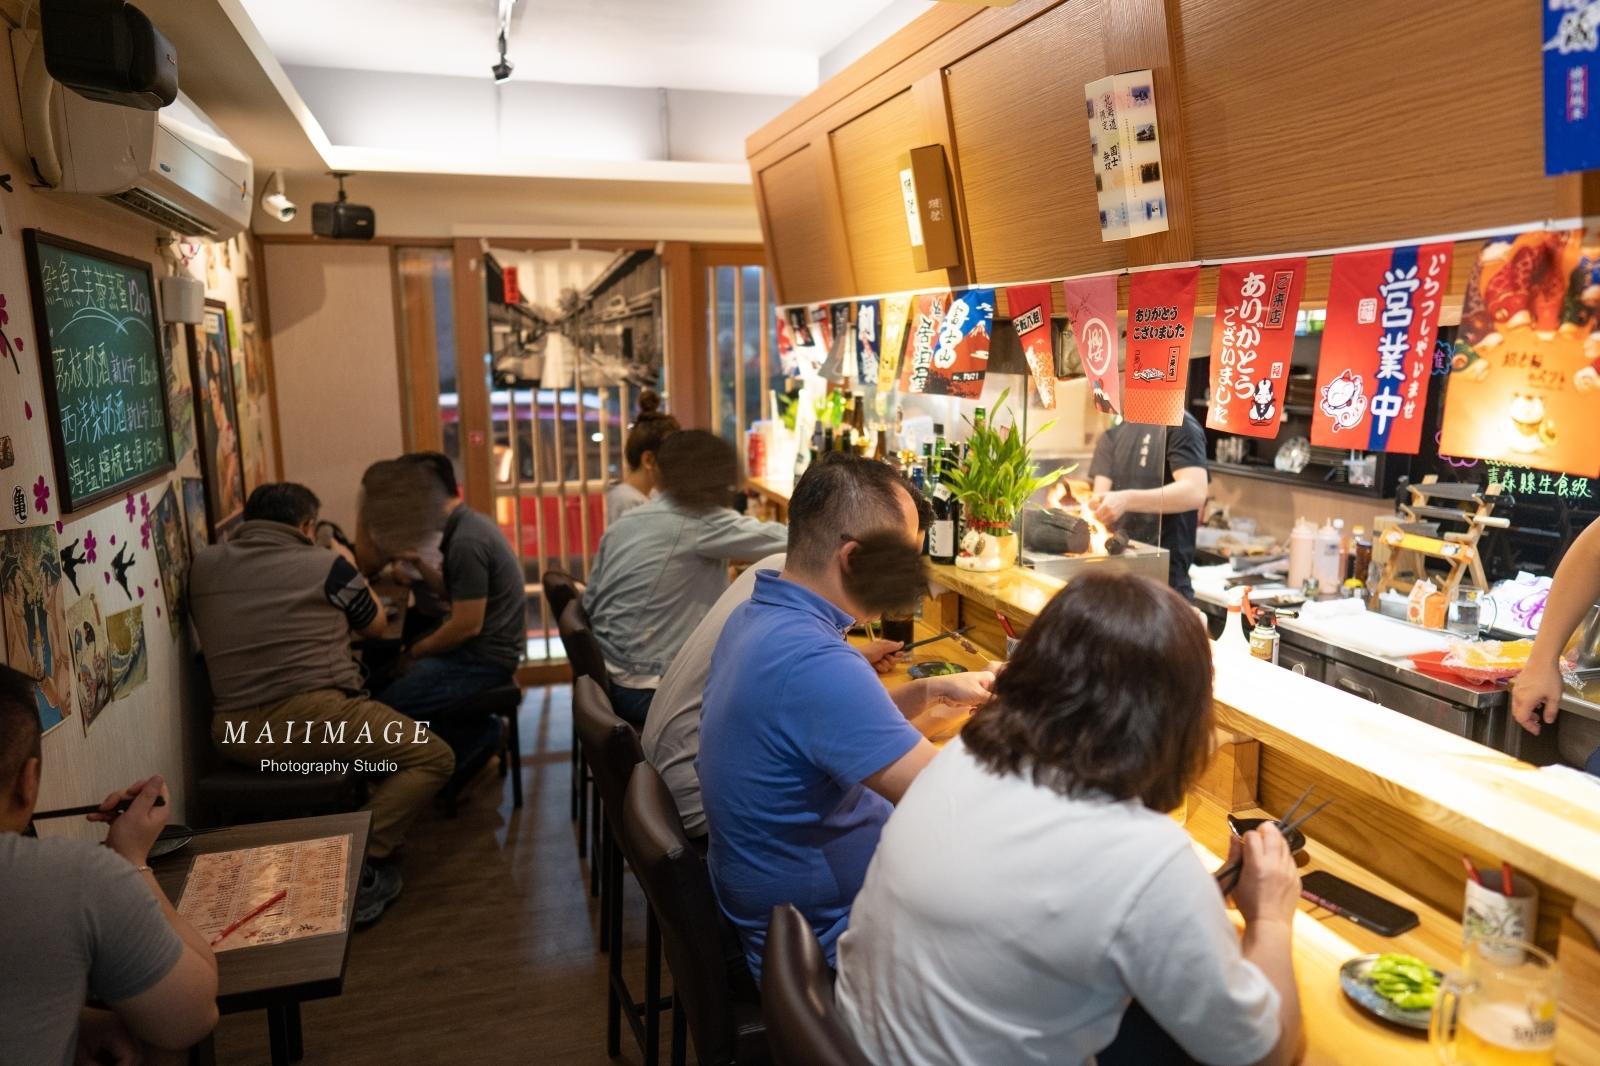 板橋板新捷運站旁巷弄裡的平價超人氣炭火居酒屋、店面不大一位難求,不訂位可是吃不到的|板新捷運站美食